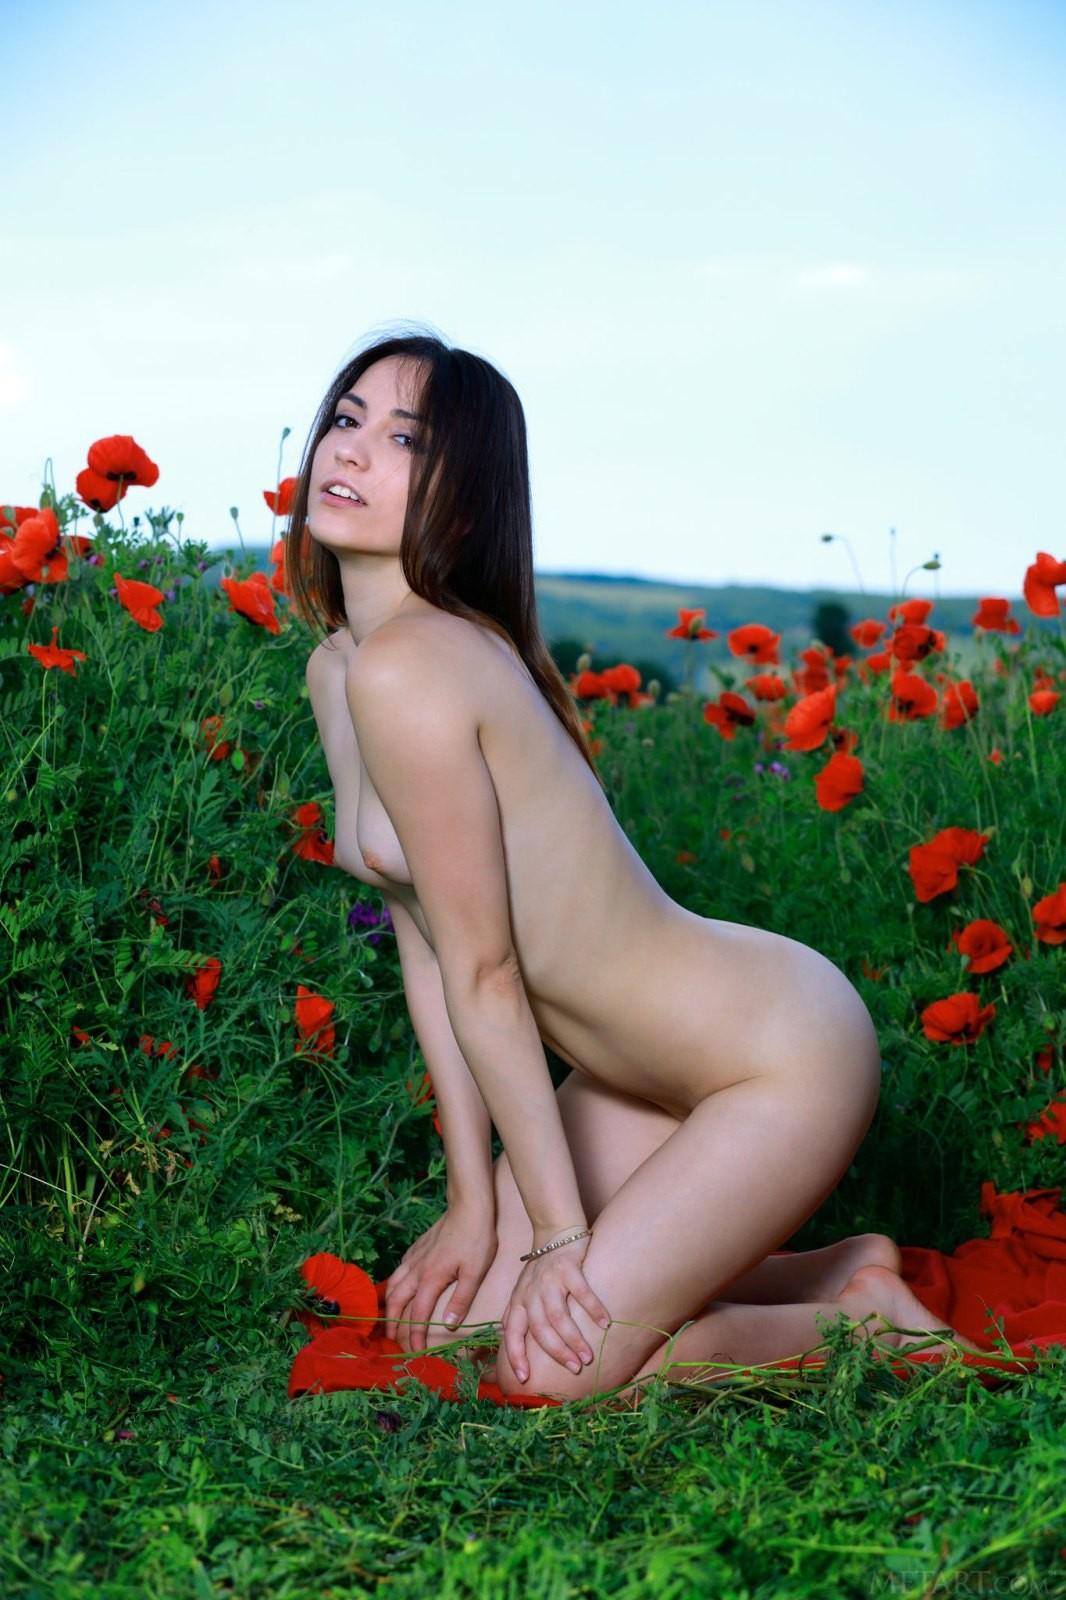 Показала красивую жопу в поле - фото